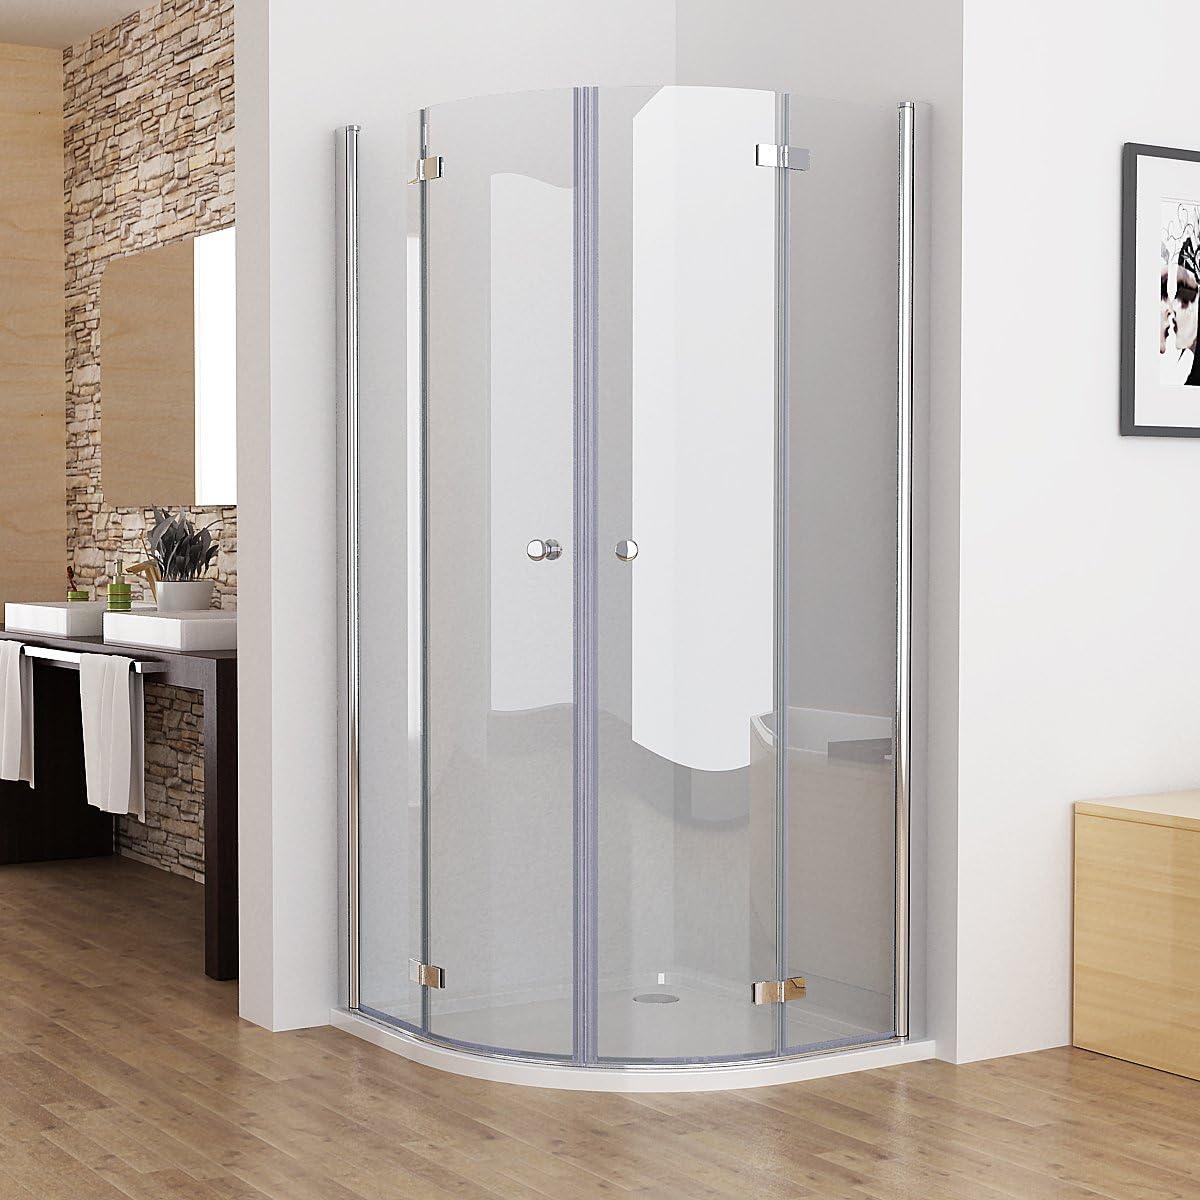 90 x 197 cm alrededor de ducha mampara de ducha plegable puerta de cabina de ducha de cristal de cuarto de círculo de Nano DS: Amazon.es: Bricolaje y herramientas